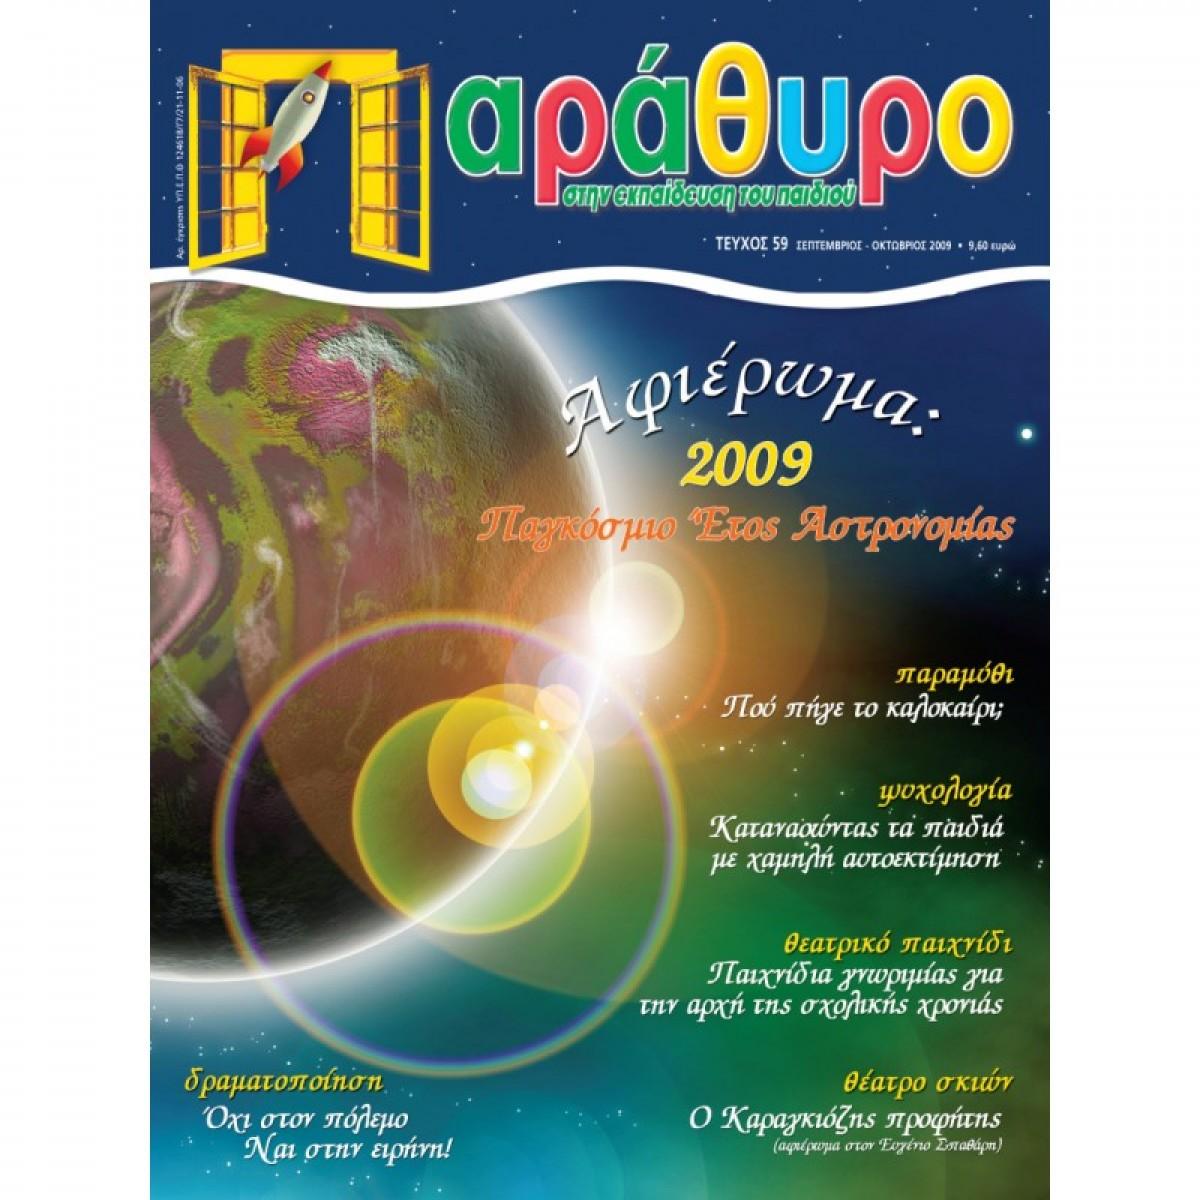 ΠΑΡΑΘΥΡΟ ΤΕΥΧΟΣ 59 Περιοδικό Παράθυρο